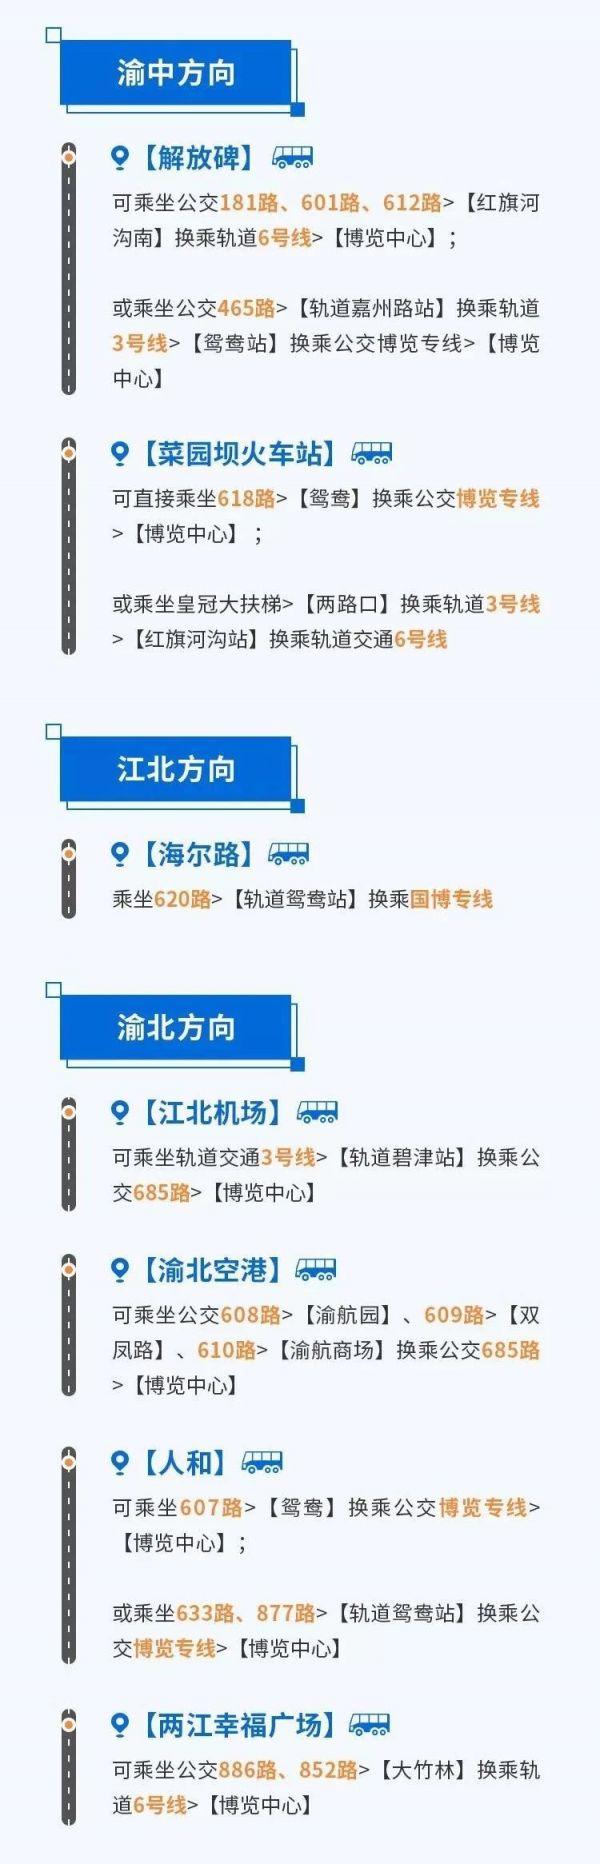 2019重庆智博会交通指南(公交 自驾)